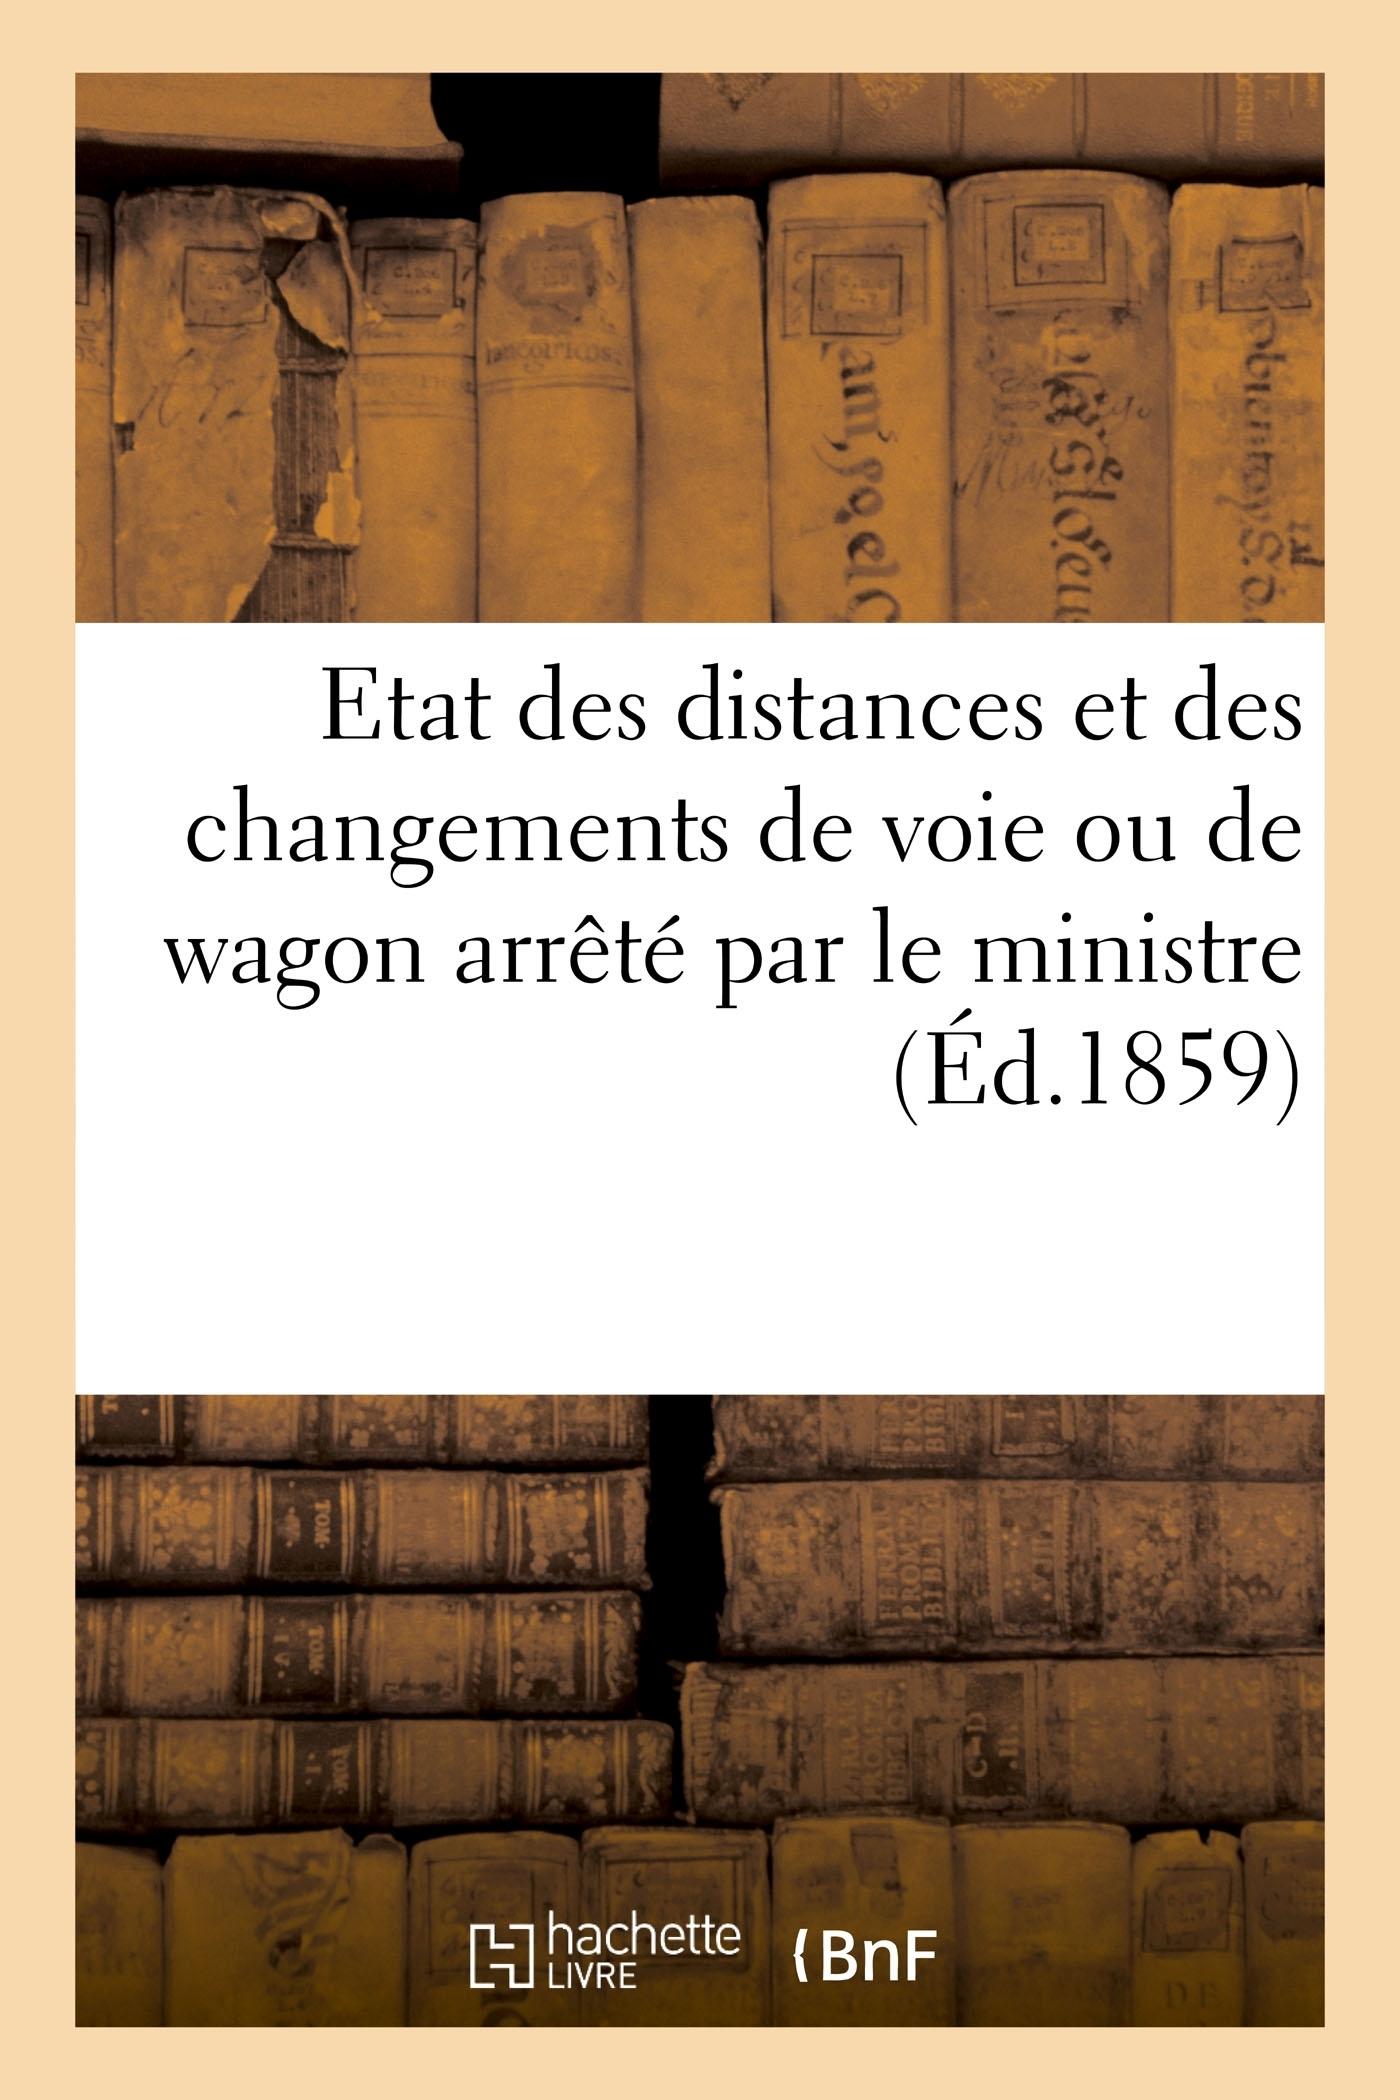 ETAT DES DISTANCES ET DES CHANGEMENTS DE VOIE OU DE WAGON ARRETE PAR LE MINISTRE - POUR L'EXECUTION